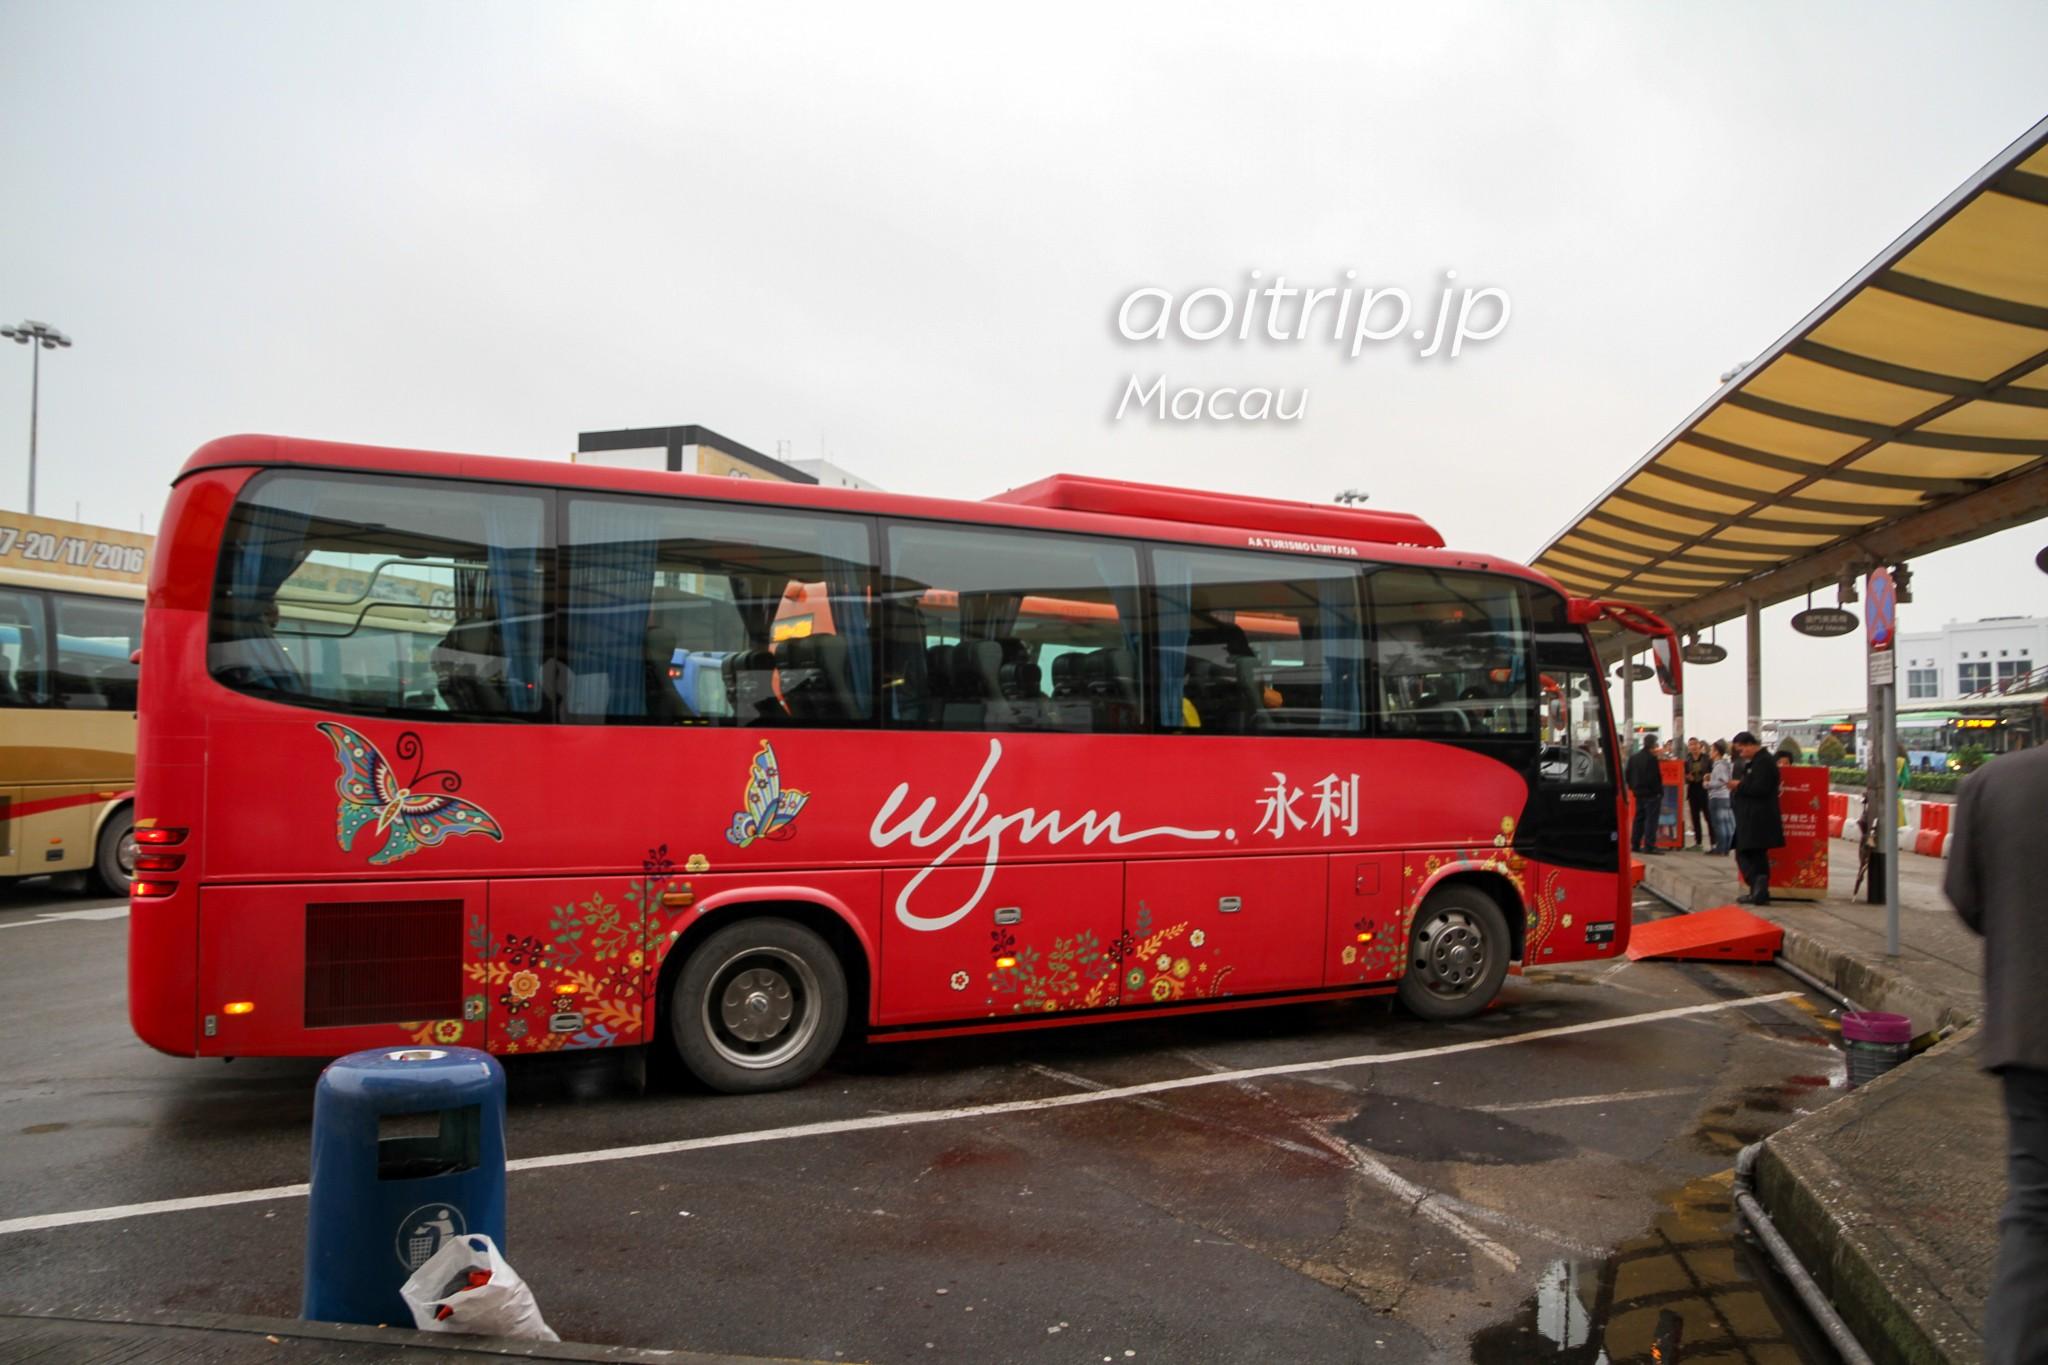 マカオ永利(ウィン)のシャトルバス